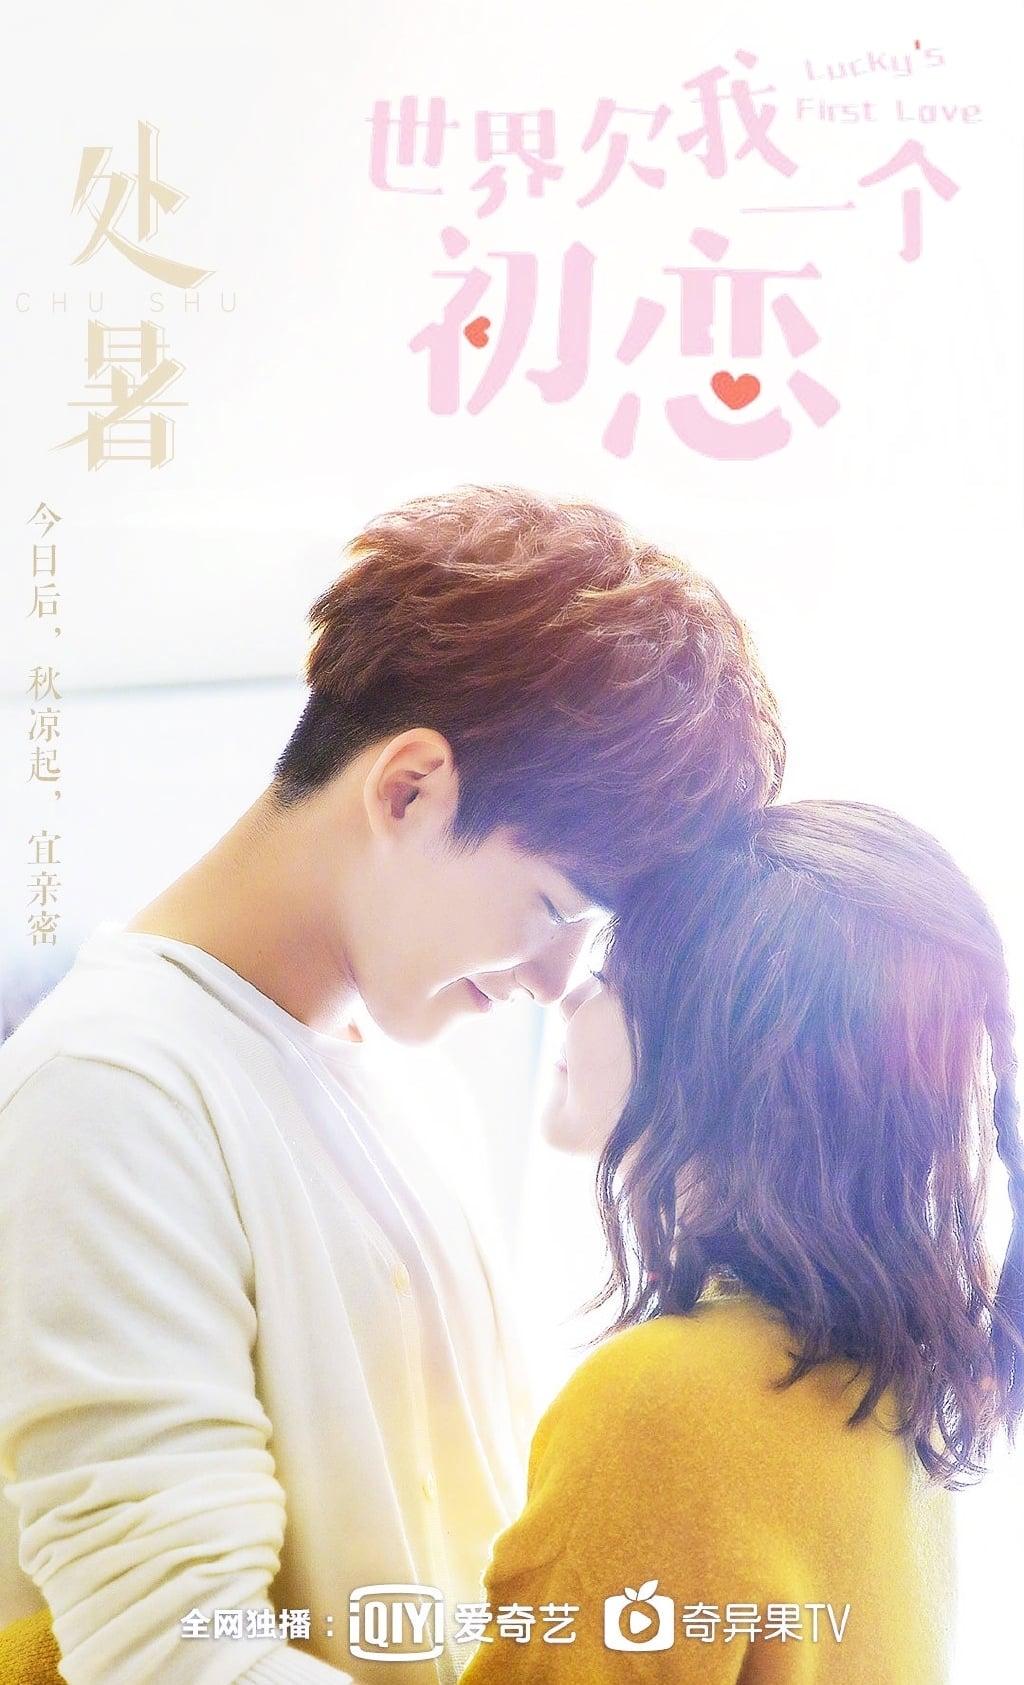 Lucky's First Love (2019)